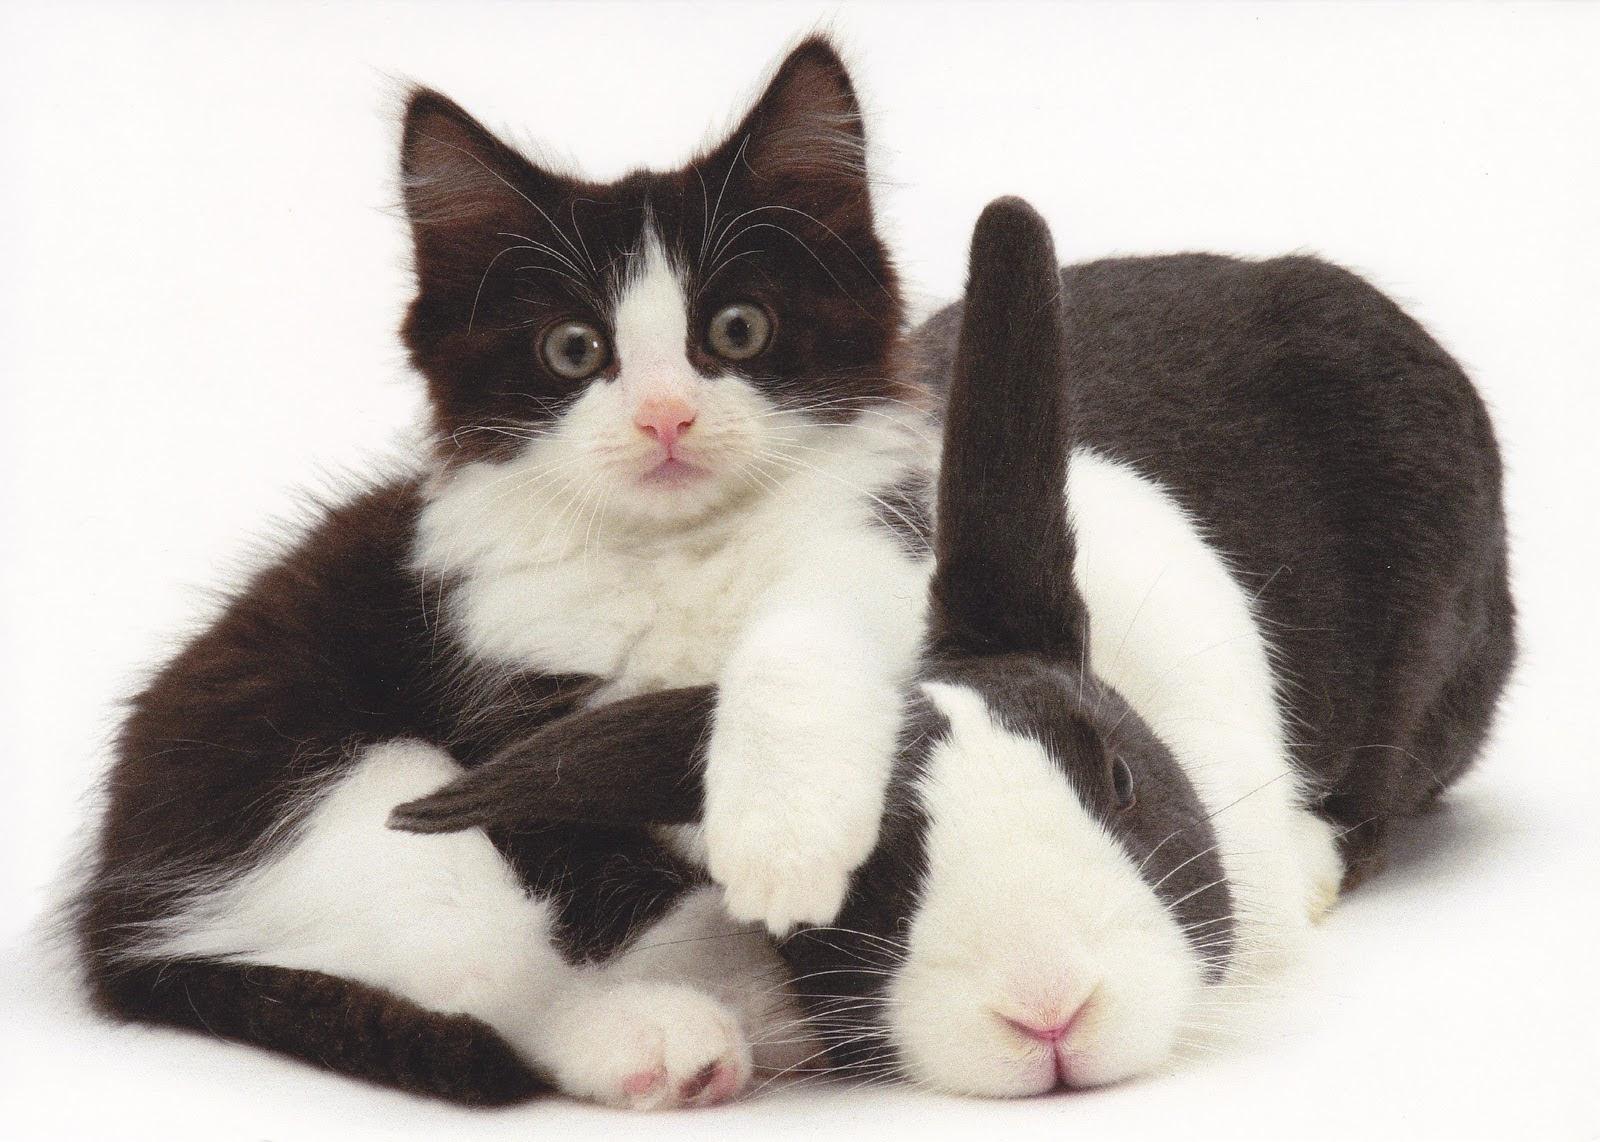 Download 61+ Gambar Kucing Dan Kelinci Keren Gratis